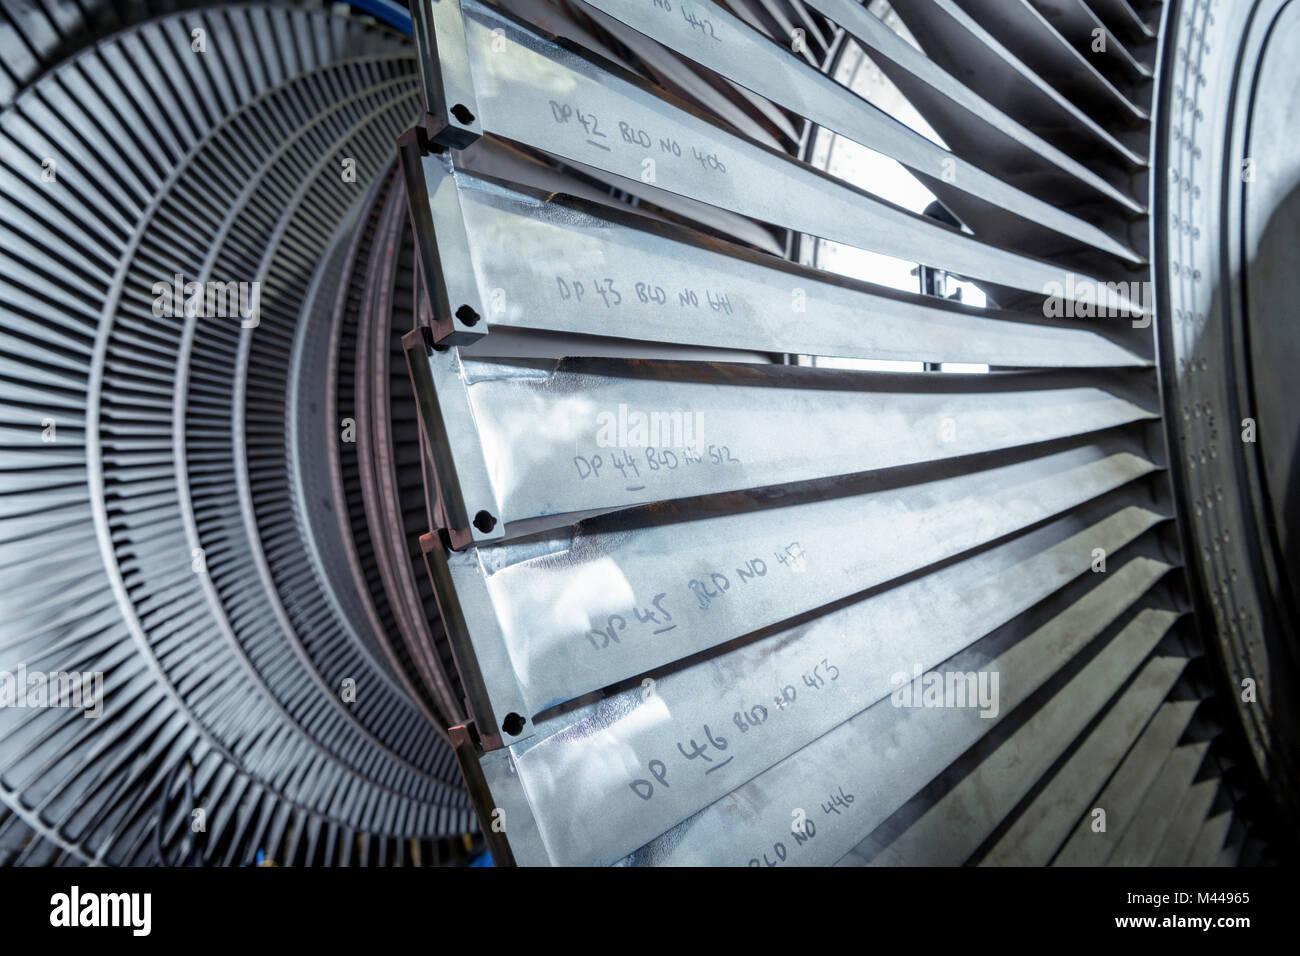 Detalle de la turbina de baja presión de la turbina de la fábrica de mantenimiento Imagen De Stock